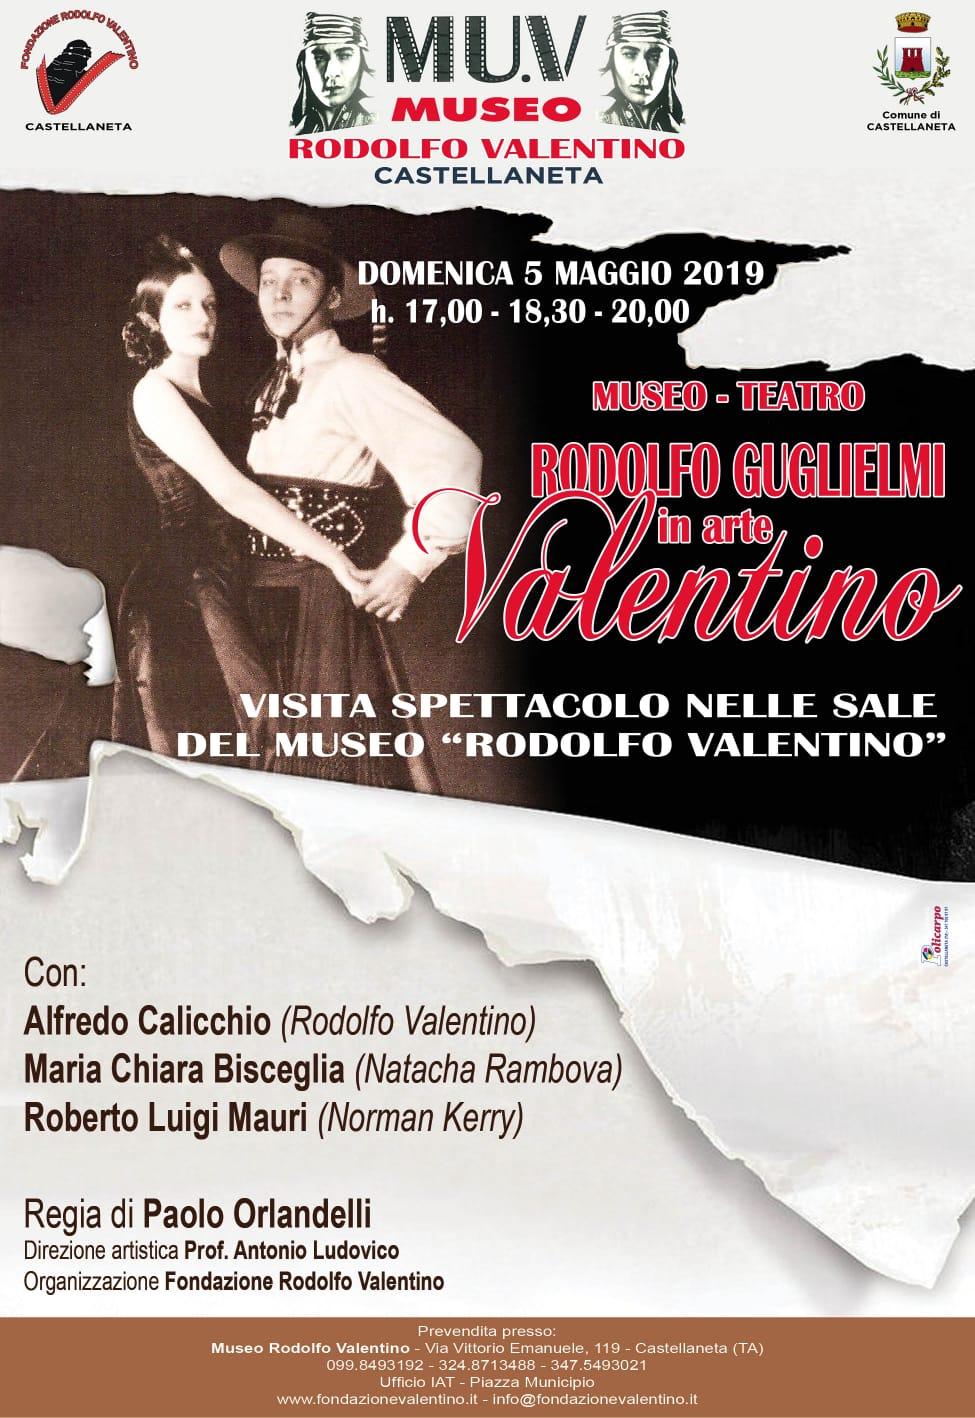 Visita animata del Museo Rodolfo Valentino